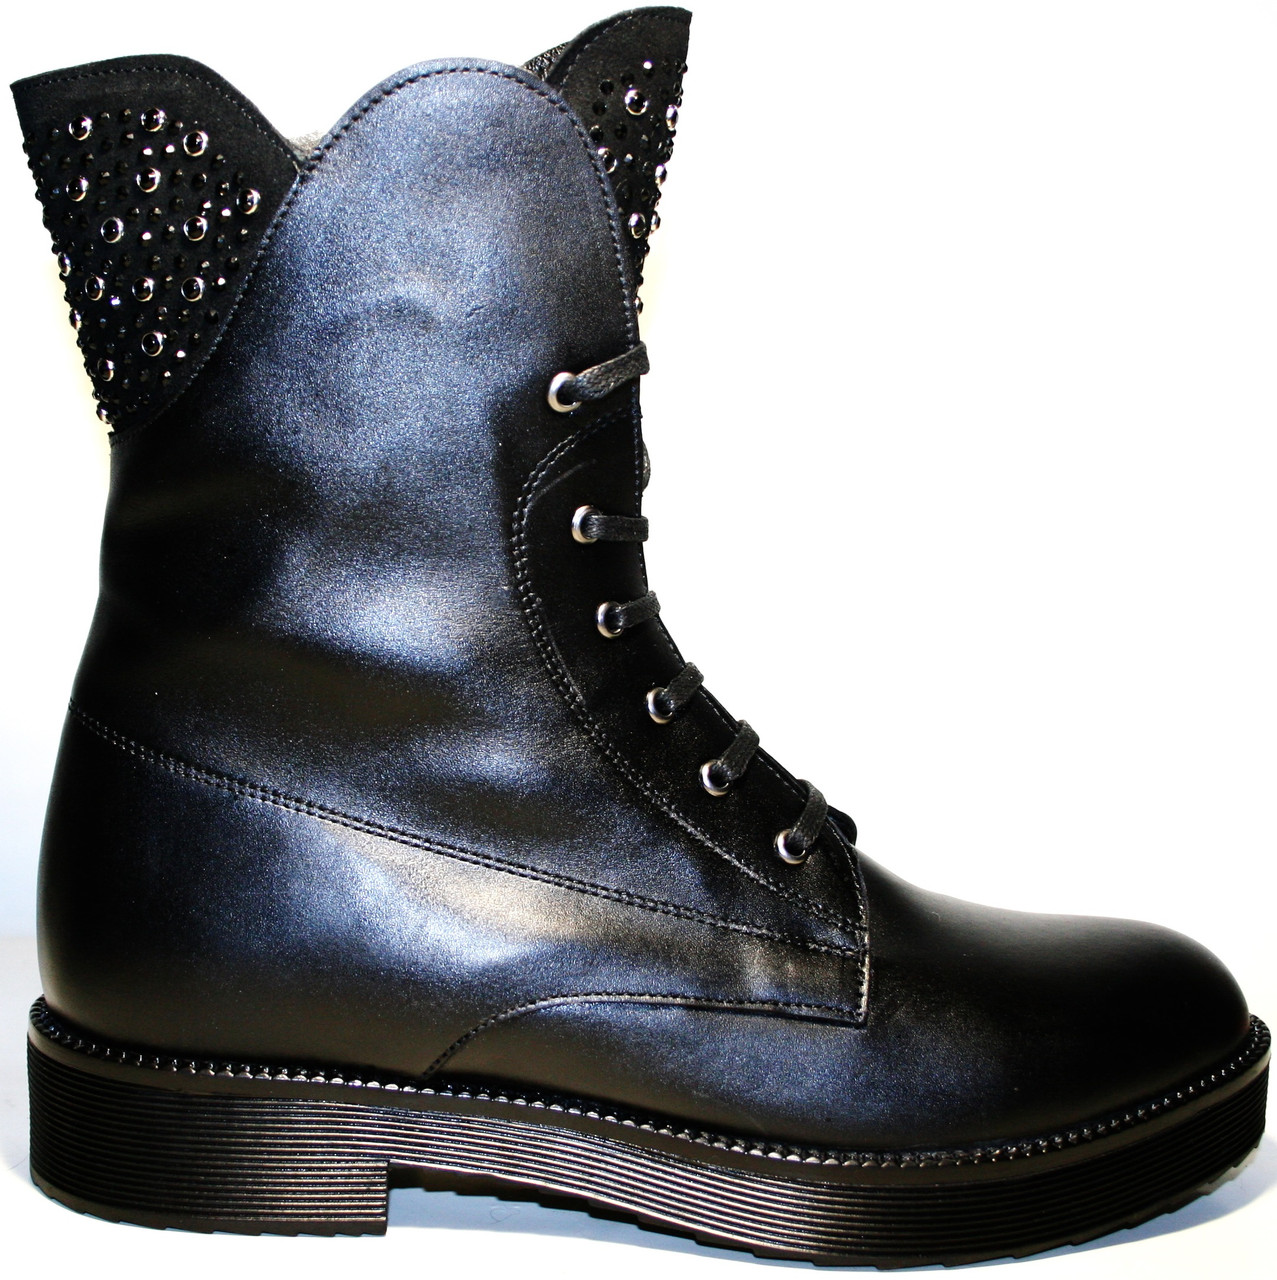 4accfdbc7f94 Ttucino обувь ботинки женские зима на шнуровке кожаные с мехом на низком  каблуке Tucino